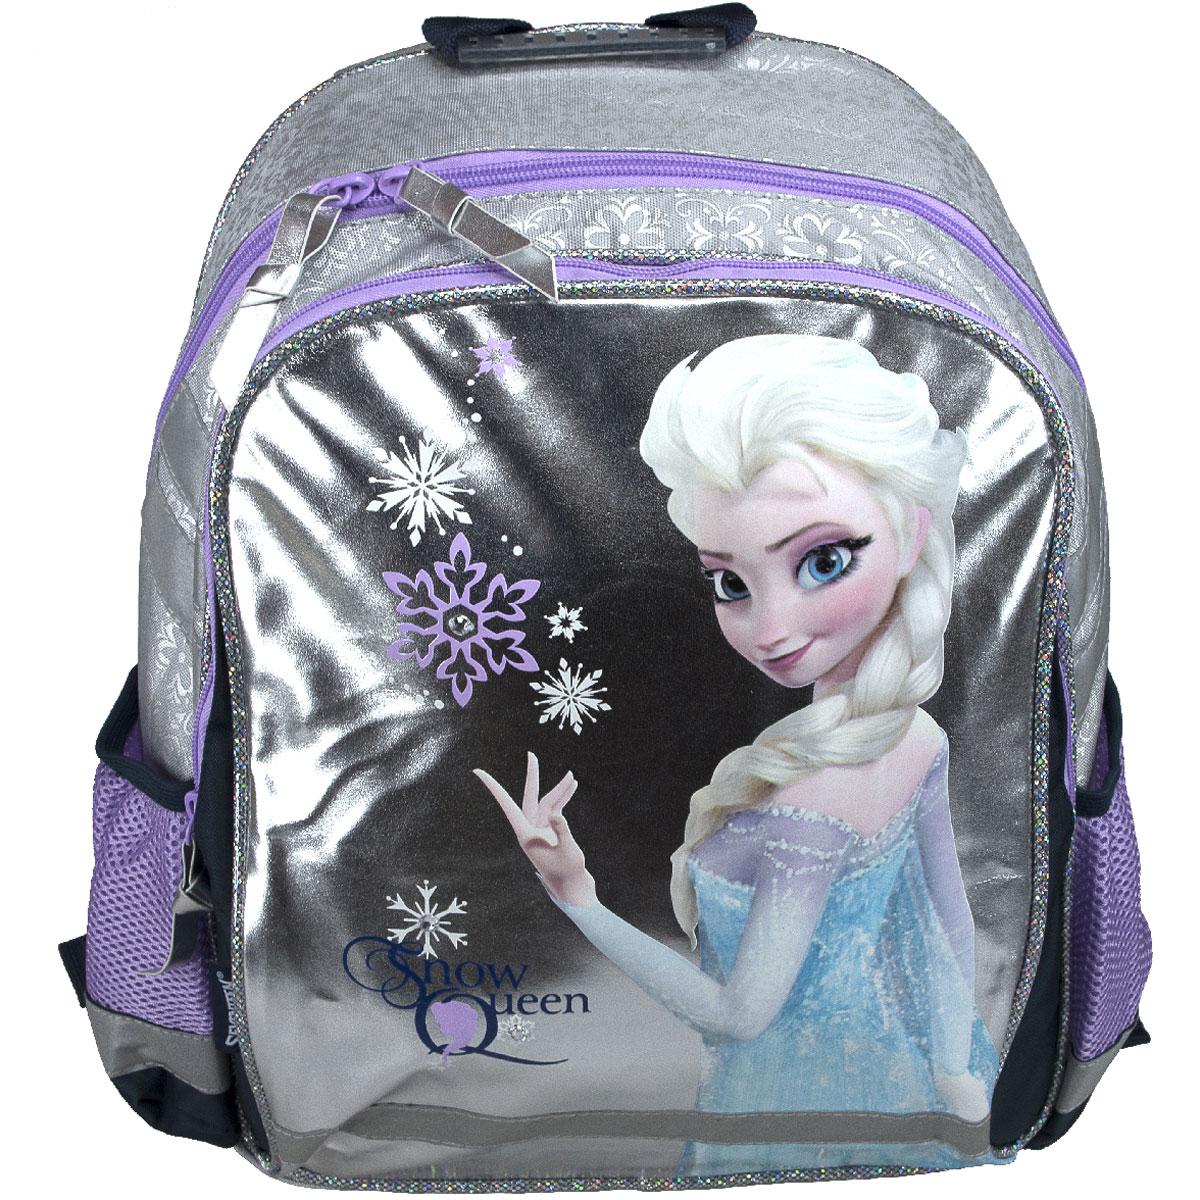 Рюкзак школьный Disney Frozen Snow Queen, цвет: серебристый, фиолетовыйFZCB-UT1-977Рюкзак школьный Disney Frozen Snow Queen обязательно понравится вашей школьнице. Выполнен из прочных и высококачественных материалов, дополнен изображением героини мультфильма Холодное сердце.Содержит два вместительных отделения, закрывающиеся на застежки-молнии. В большом отделении находится перегородка для тетрадей или учебников. Дно рюкзака можно сделать жестким, разложив специальную панель с пластиковойвставкой, что повышает сохранность содержимого рюкзака и способствует правильному распределению нагрузки. По бокам расположены два накладных кармана-сетка. Конструкция спинки дополнена противоскользящей сеточкой и системой вентиляции для предотвращения запотевания спины ребенка. Мягкие широкие лямки позволяют легко и быстро отрегулировать рюкзак в соответствии с ростом. Рюкзак оснащен эргономичной ручкой для удобной переноски в руке. Светоотражающие элементы обеспечивают безопасность в темное время суток.Такой школьный рюкзак станет незаменимым спутником вашего ребенка в походах за знаниями.Вес рюкзака без наполнения: 550 г.Рекомендуемый возраст: от 12 лет.